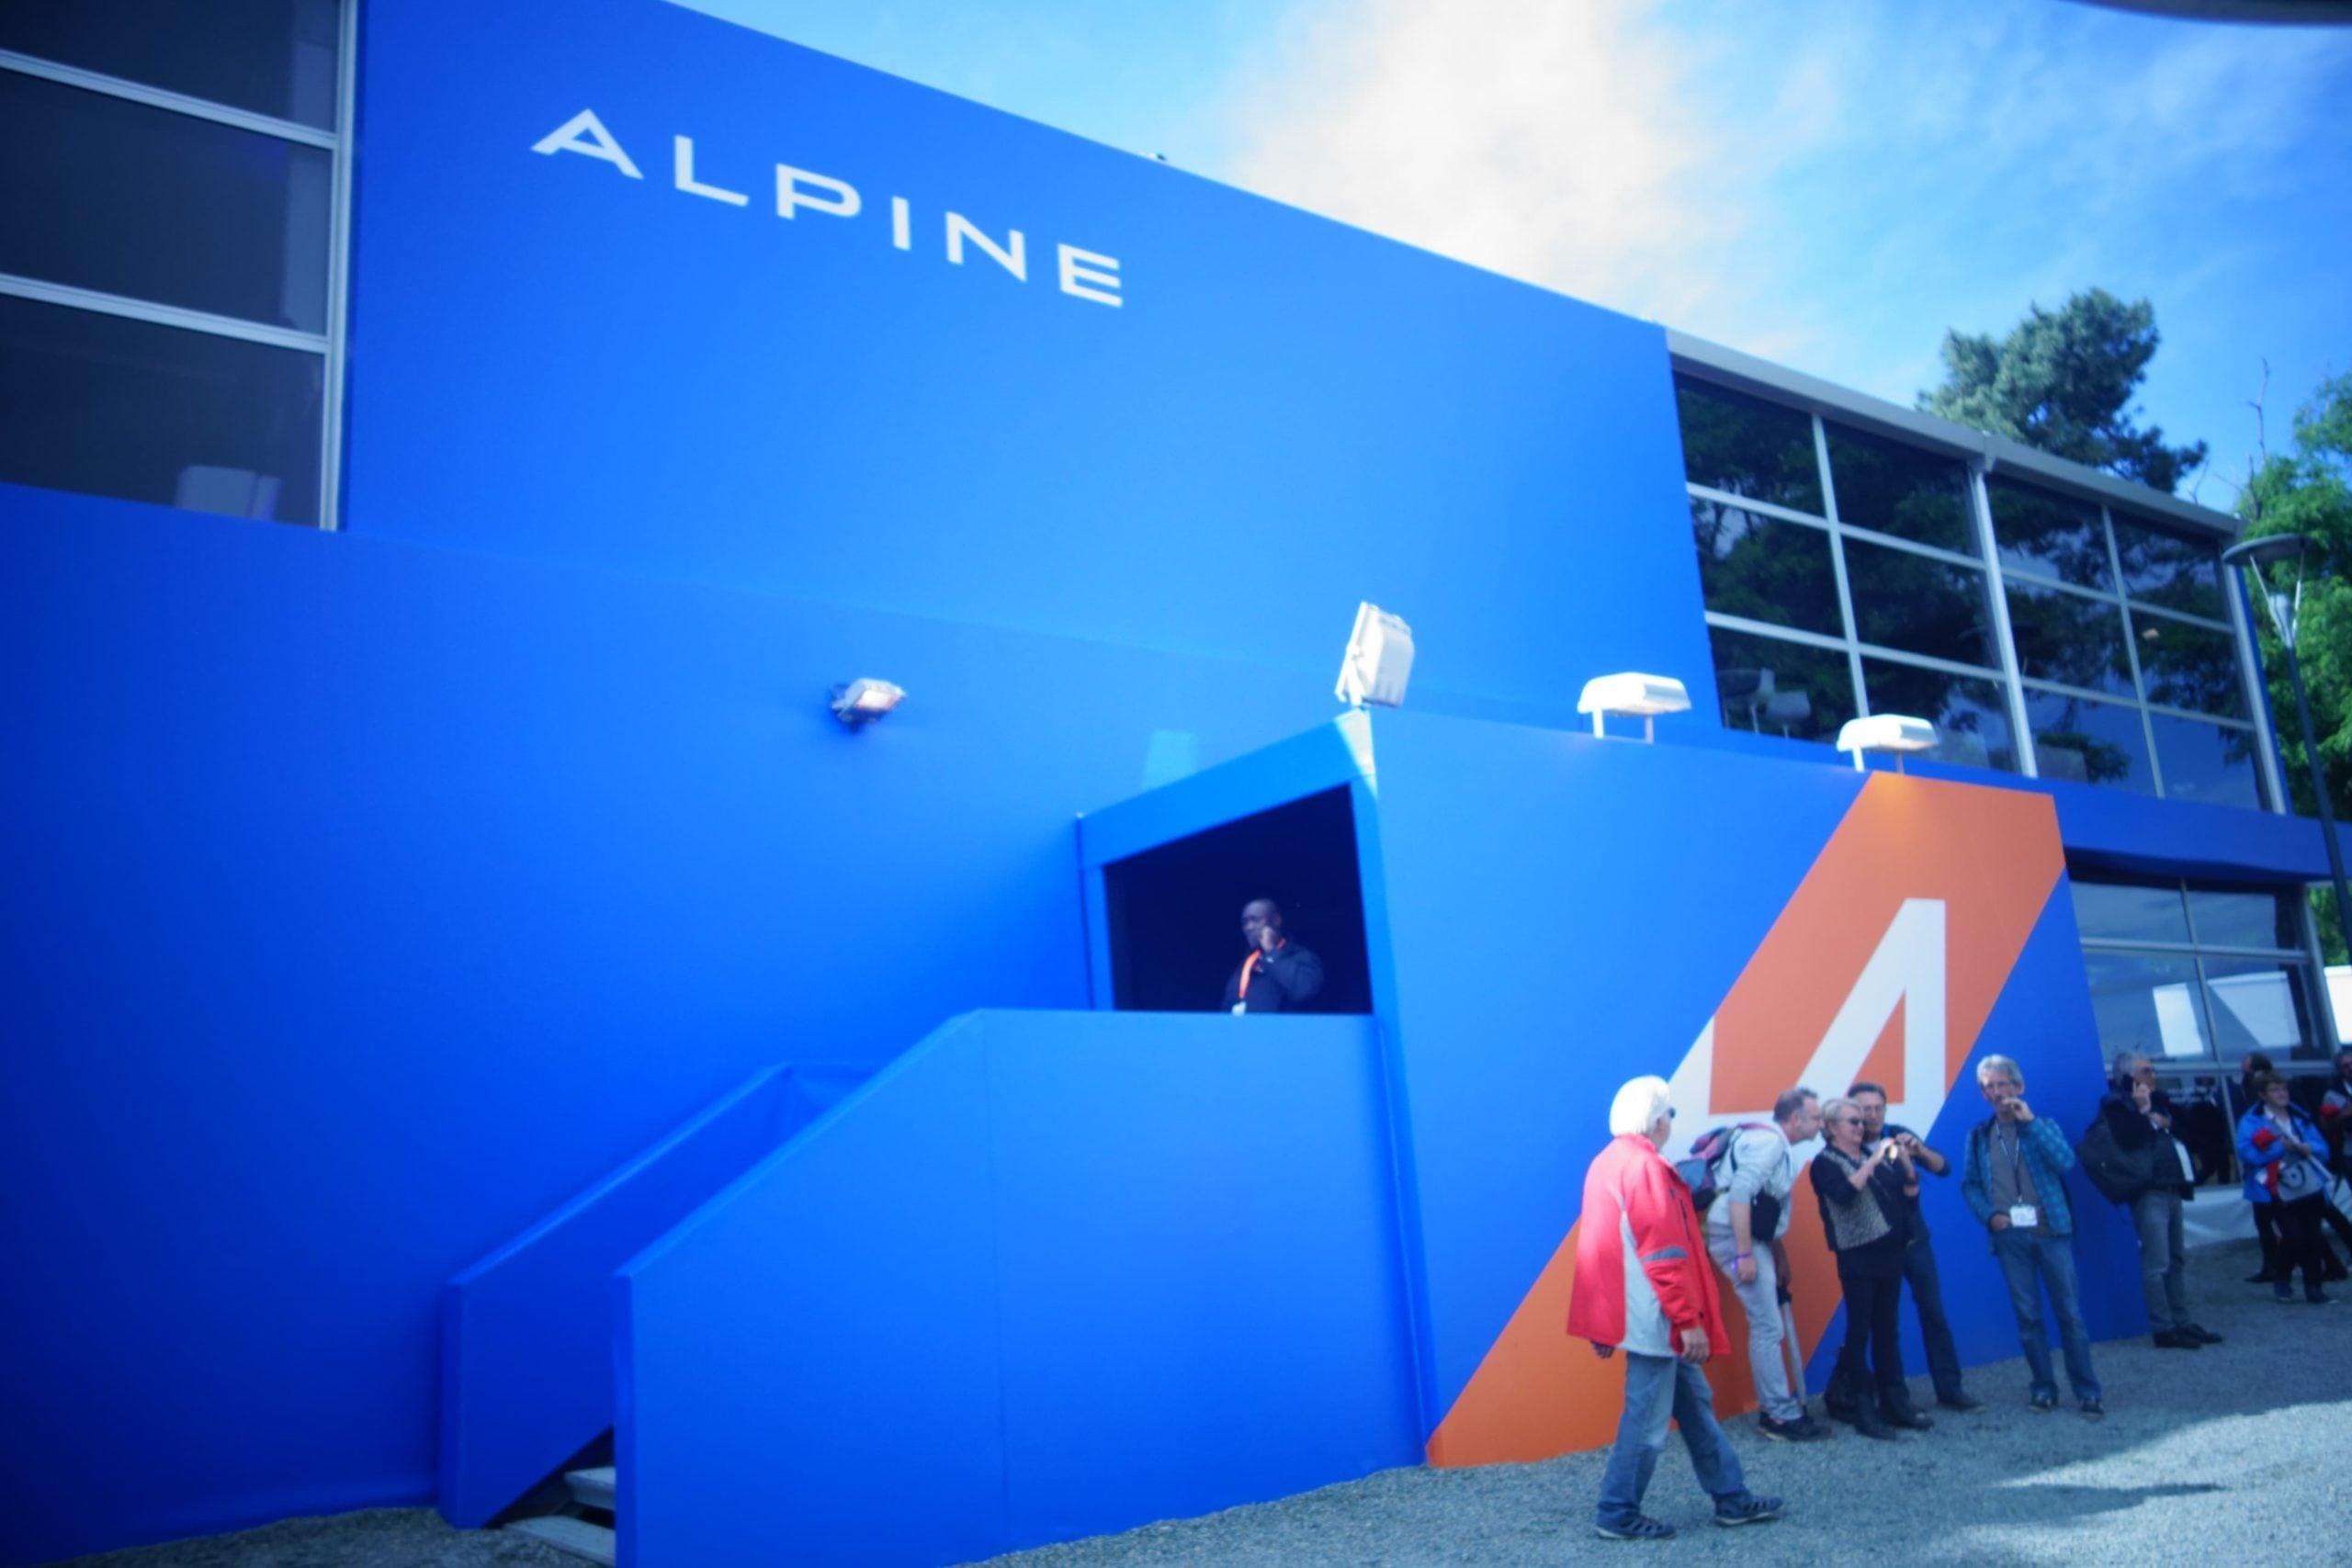 dsc03597 scaled | Entretien avec Antony Villain, Directeur Design d'Alpine